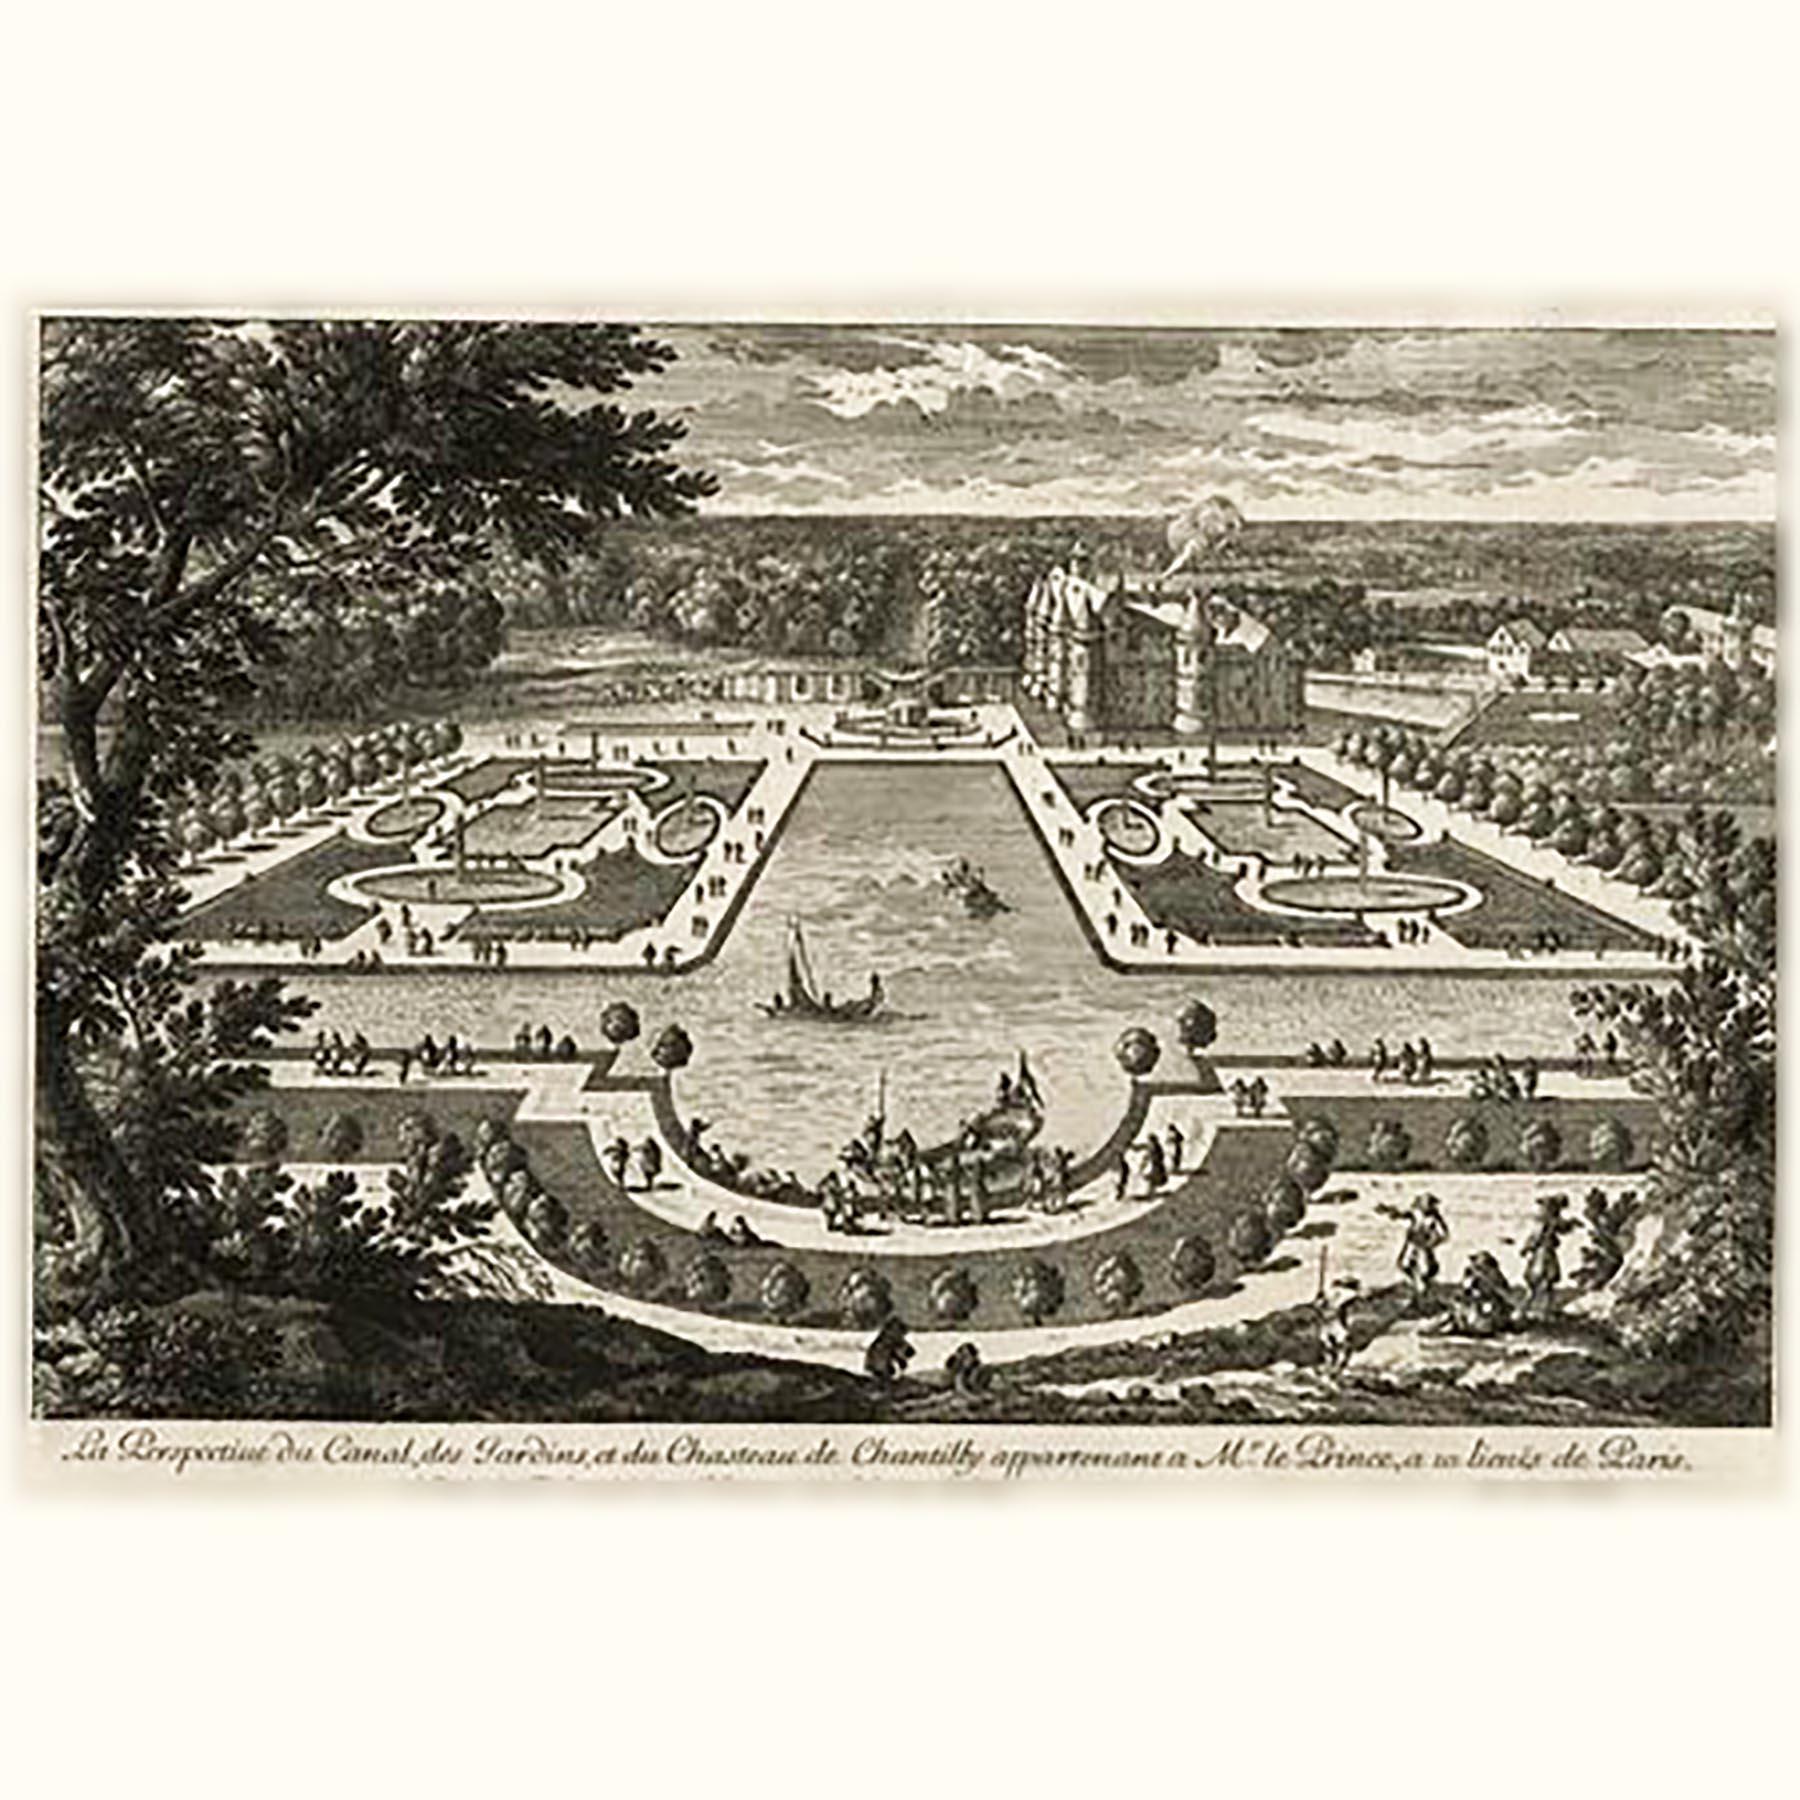 シャンティー城の庭園設計図 17世紀 アンティークの銅版画